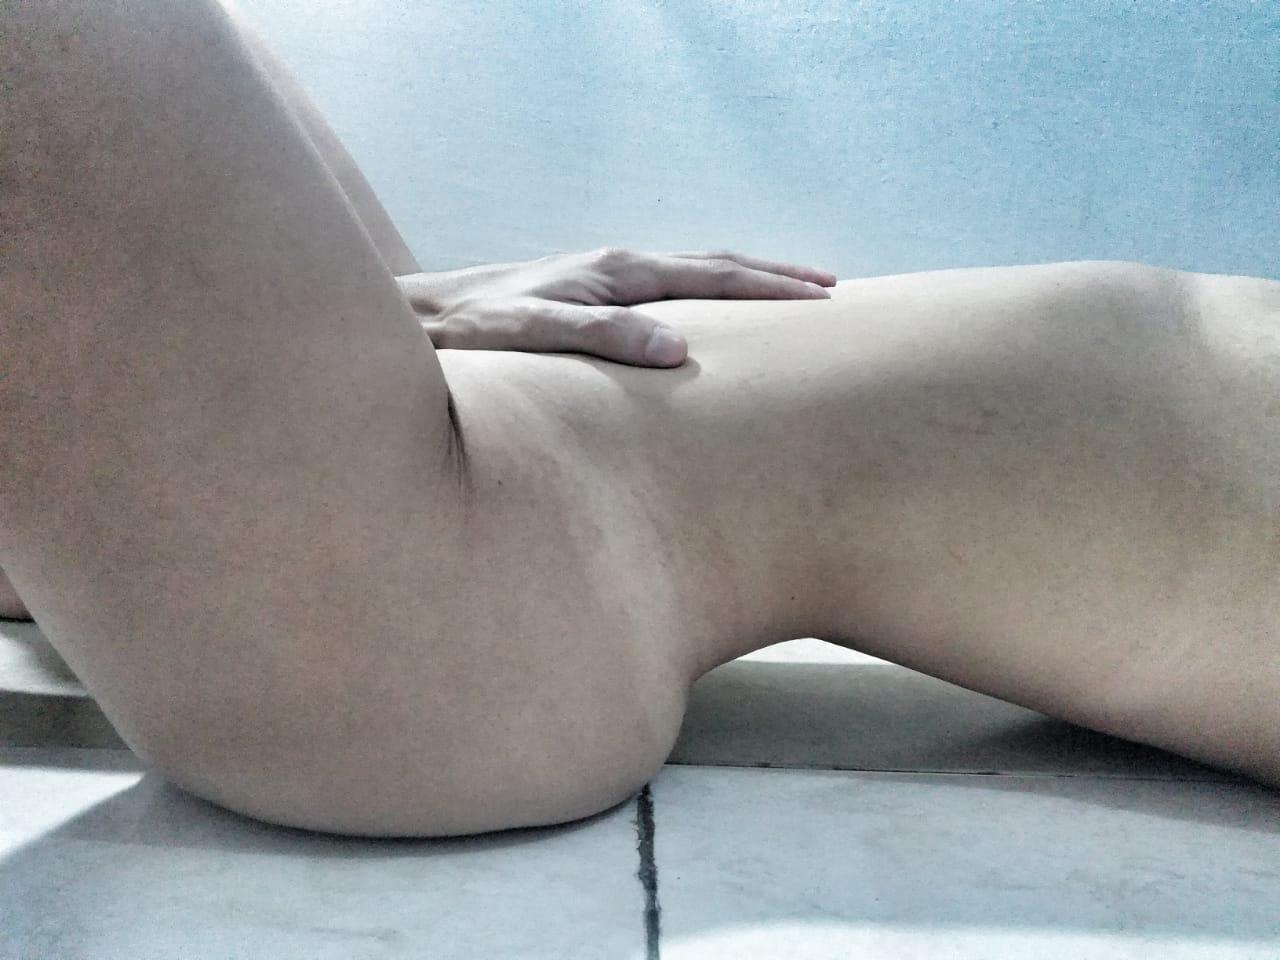 Sex horny?s=thwb6gzj7si9+6ppybpcbar8k4zo3pnbhve9tgxcx08=